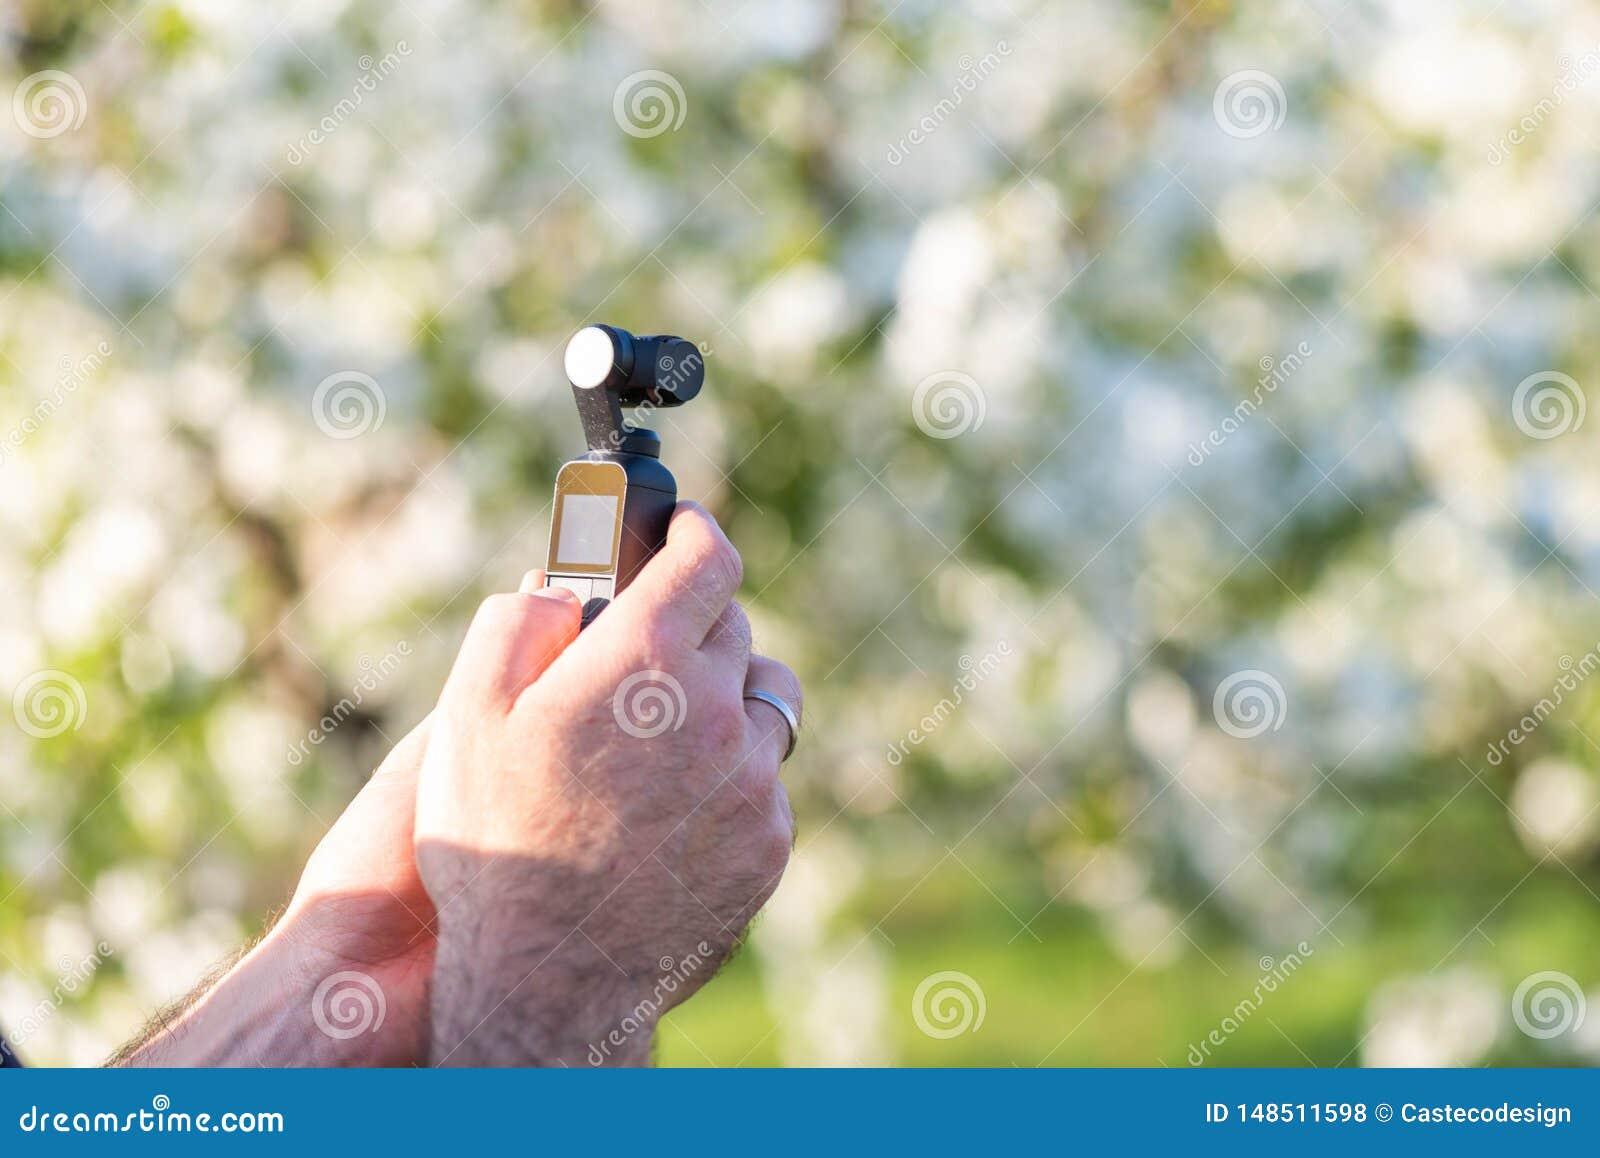 Homme tenant une caméra vidéo moderne minuscule en parc Idées de pelliculage de printemps